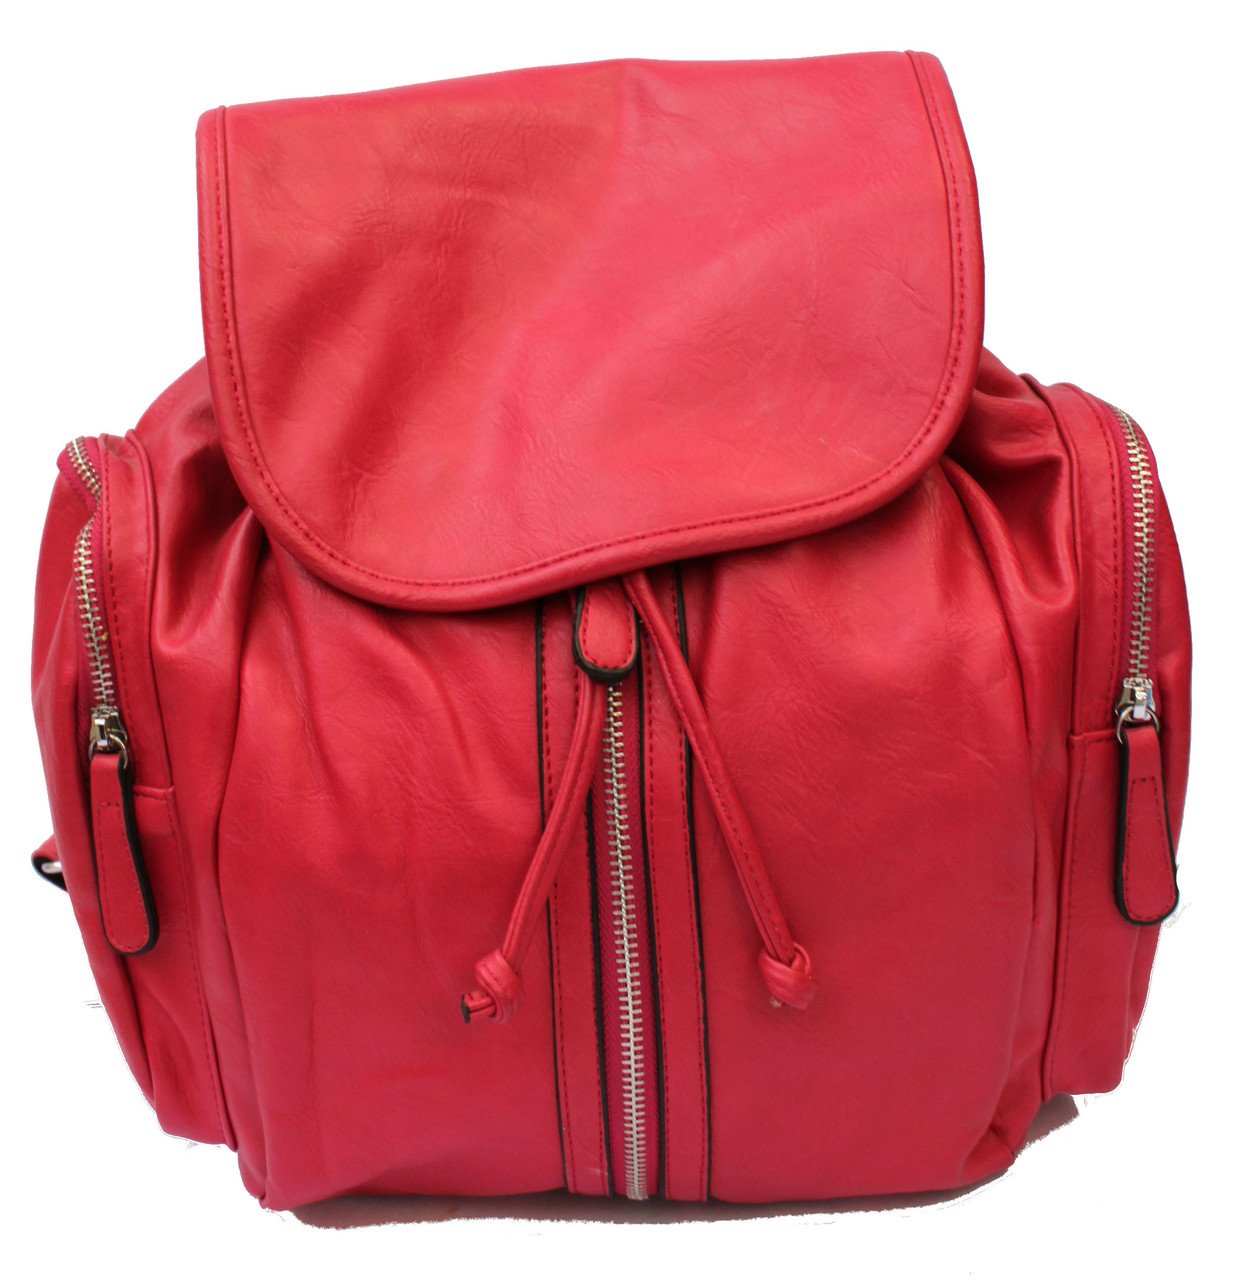 1f1faf6612e4 Большой городской рюкзак на шнурках розовый - Woman's House в Харькове